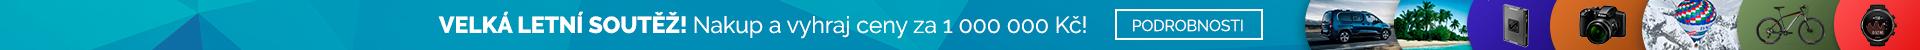 SOUTĚŽ - Nakup a vyhraj ceny za 1000000 Kč!